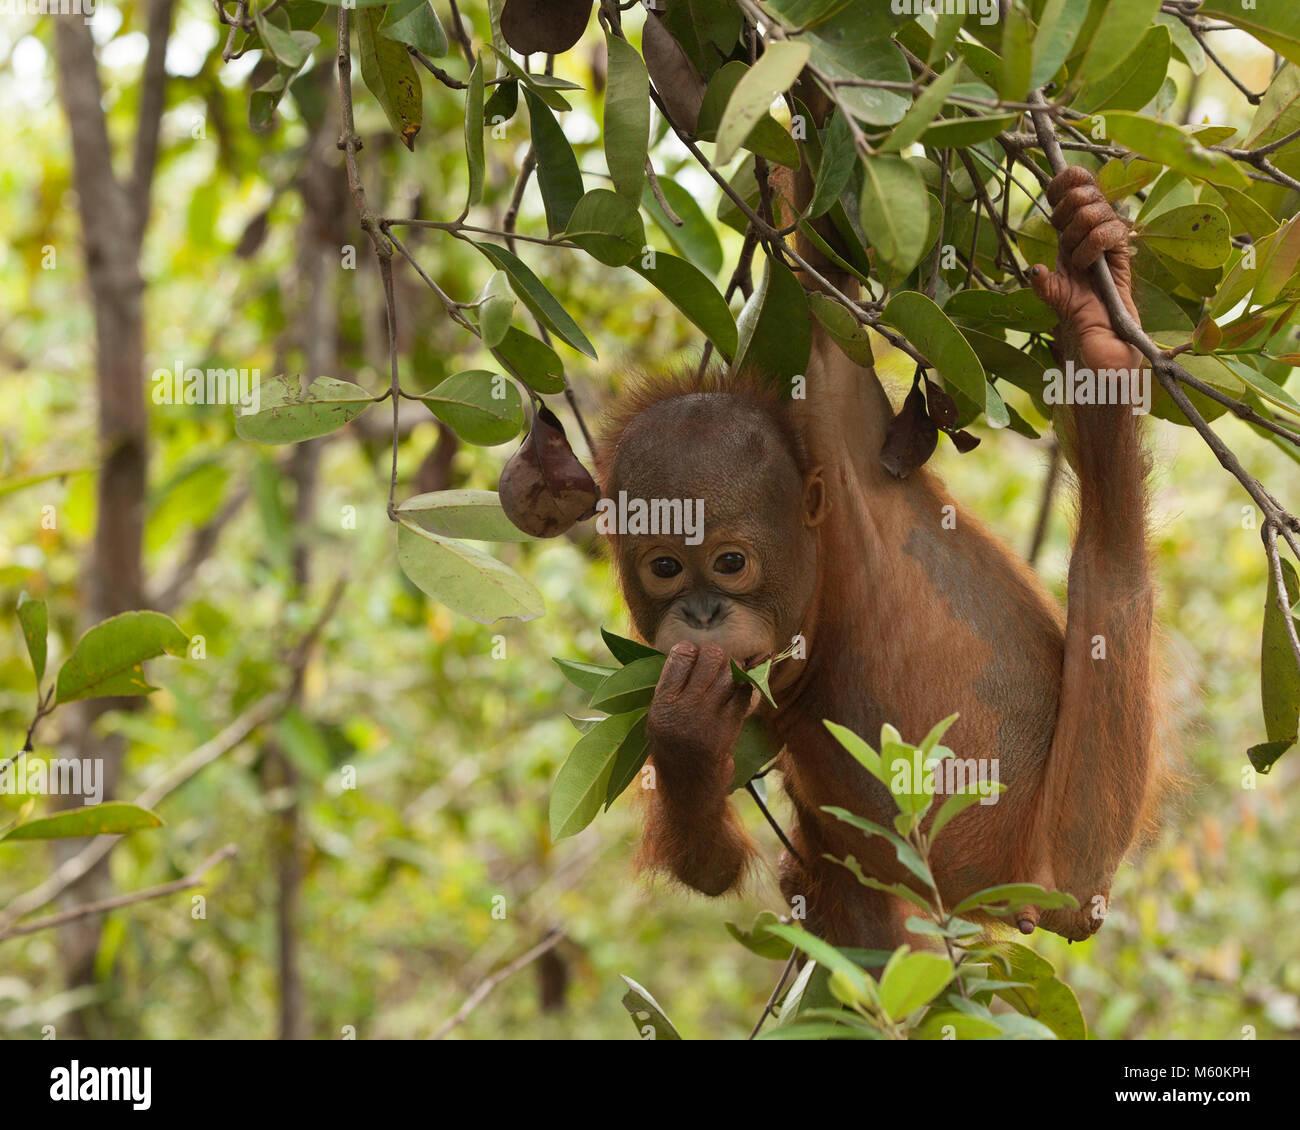 Orangután huérfano (Pongo pygmaeus), un bebé curioso colgado del árbol y jugando con hojas en la sesión de entrenamiento del bosque en el Centro de Cuidado de Orangutan Foto de stock